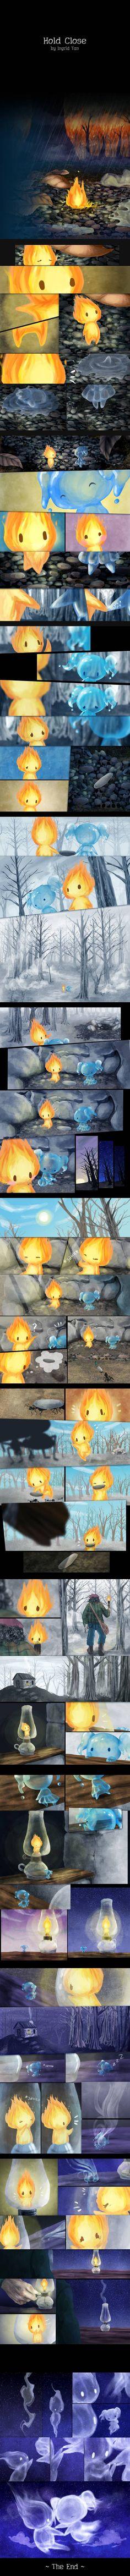 手もつなぐことができない、火と水のお話。   ひらめき箱